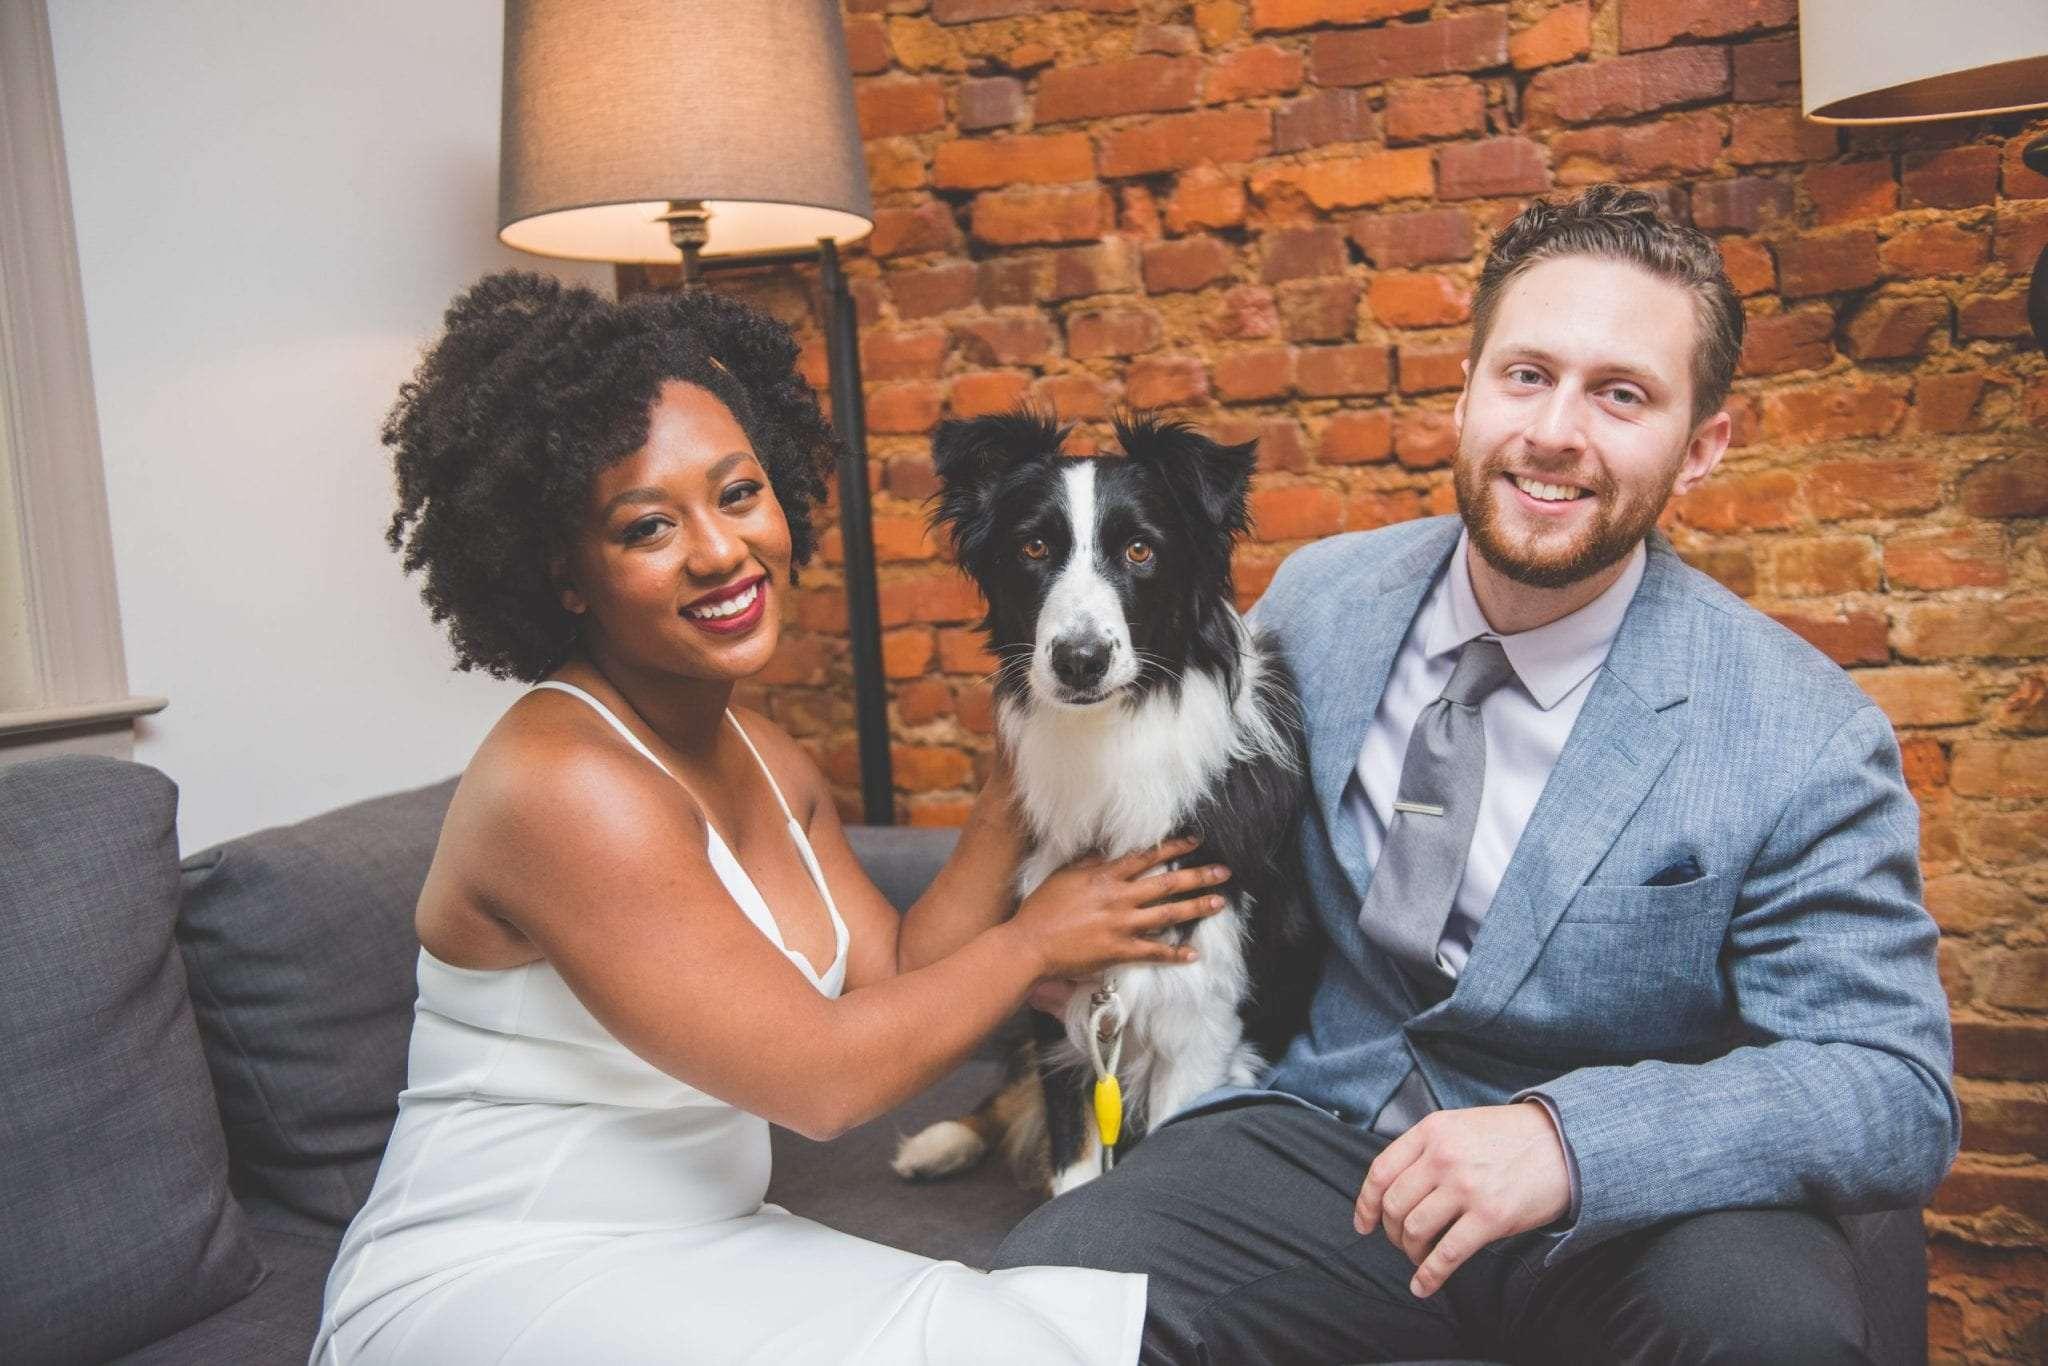 NJ backyard Micro wedding portrait with dog